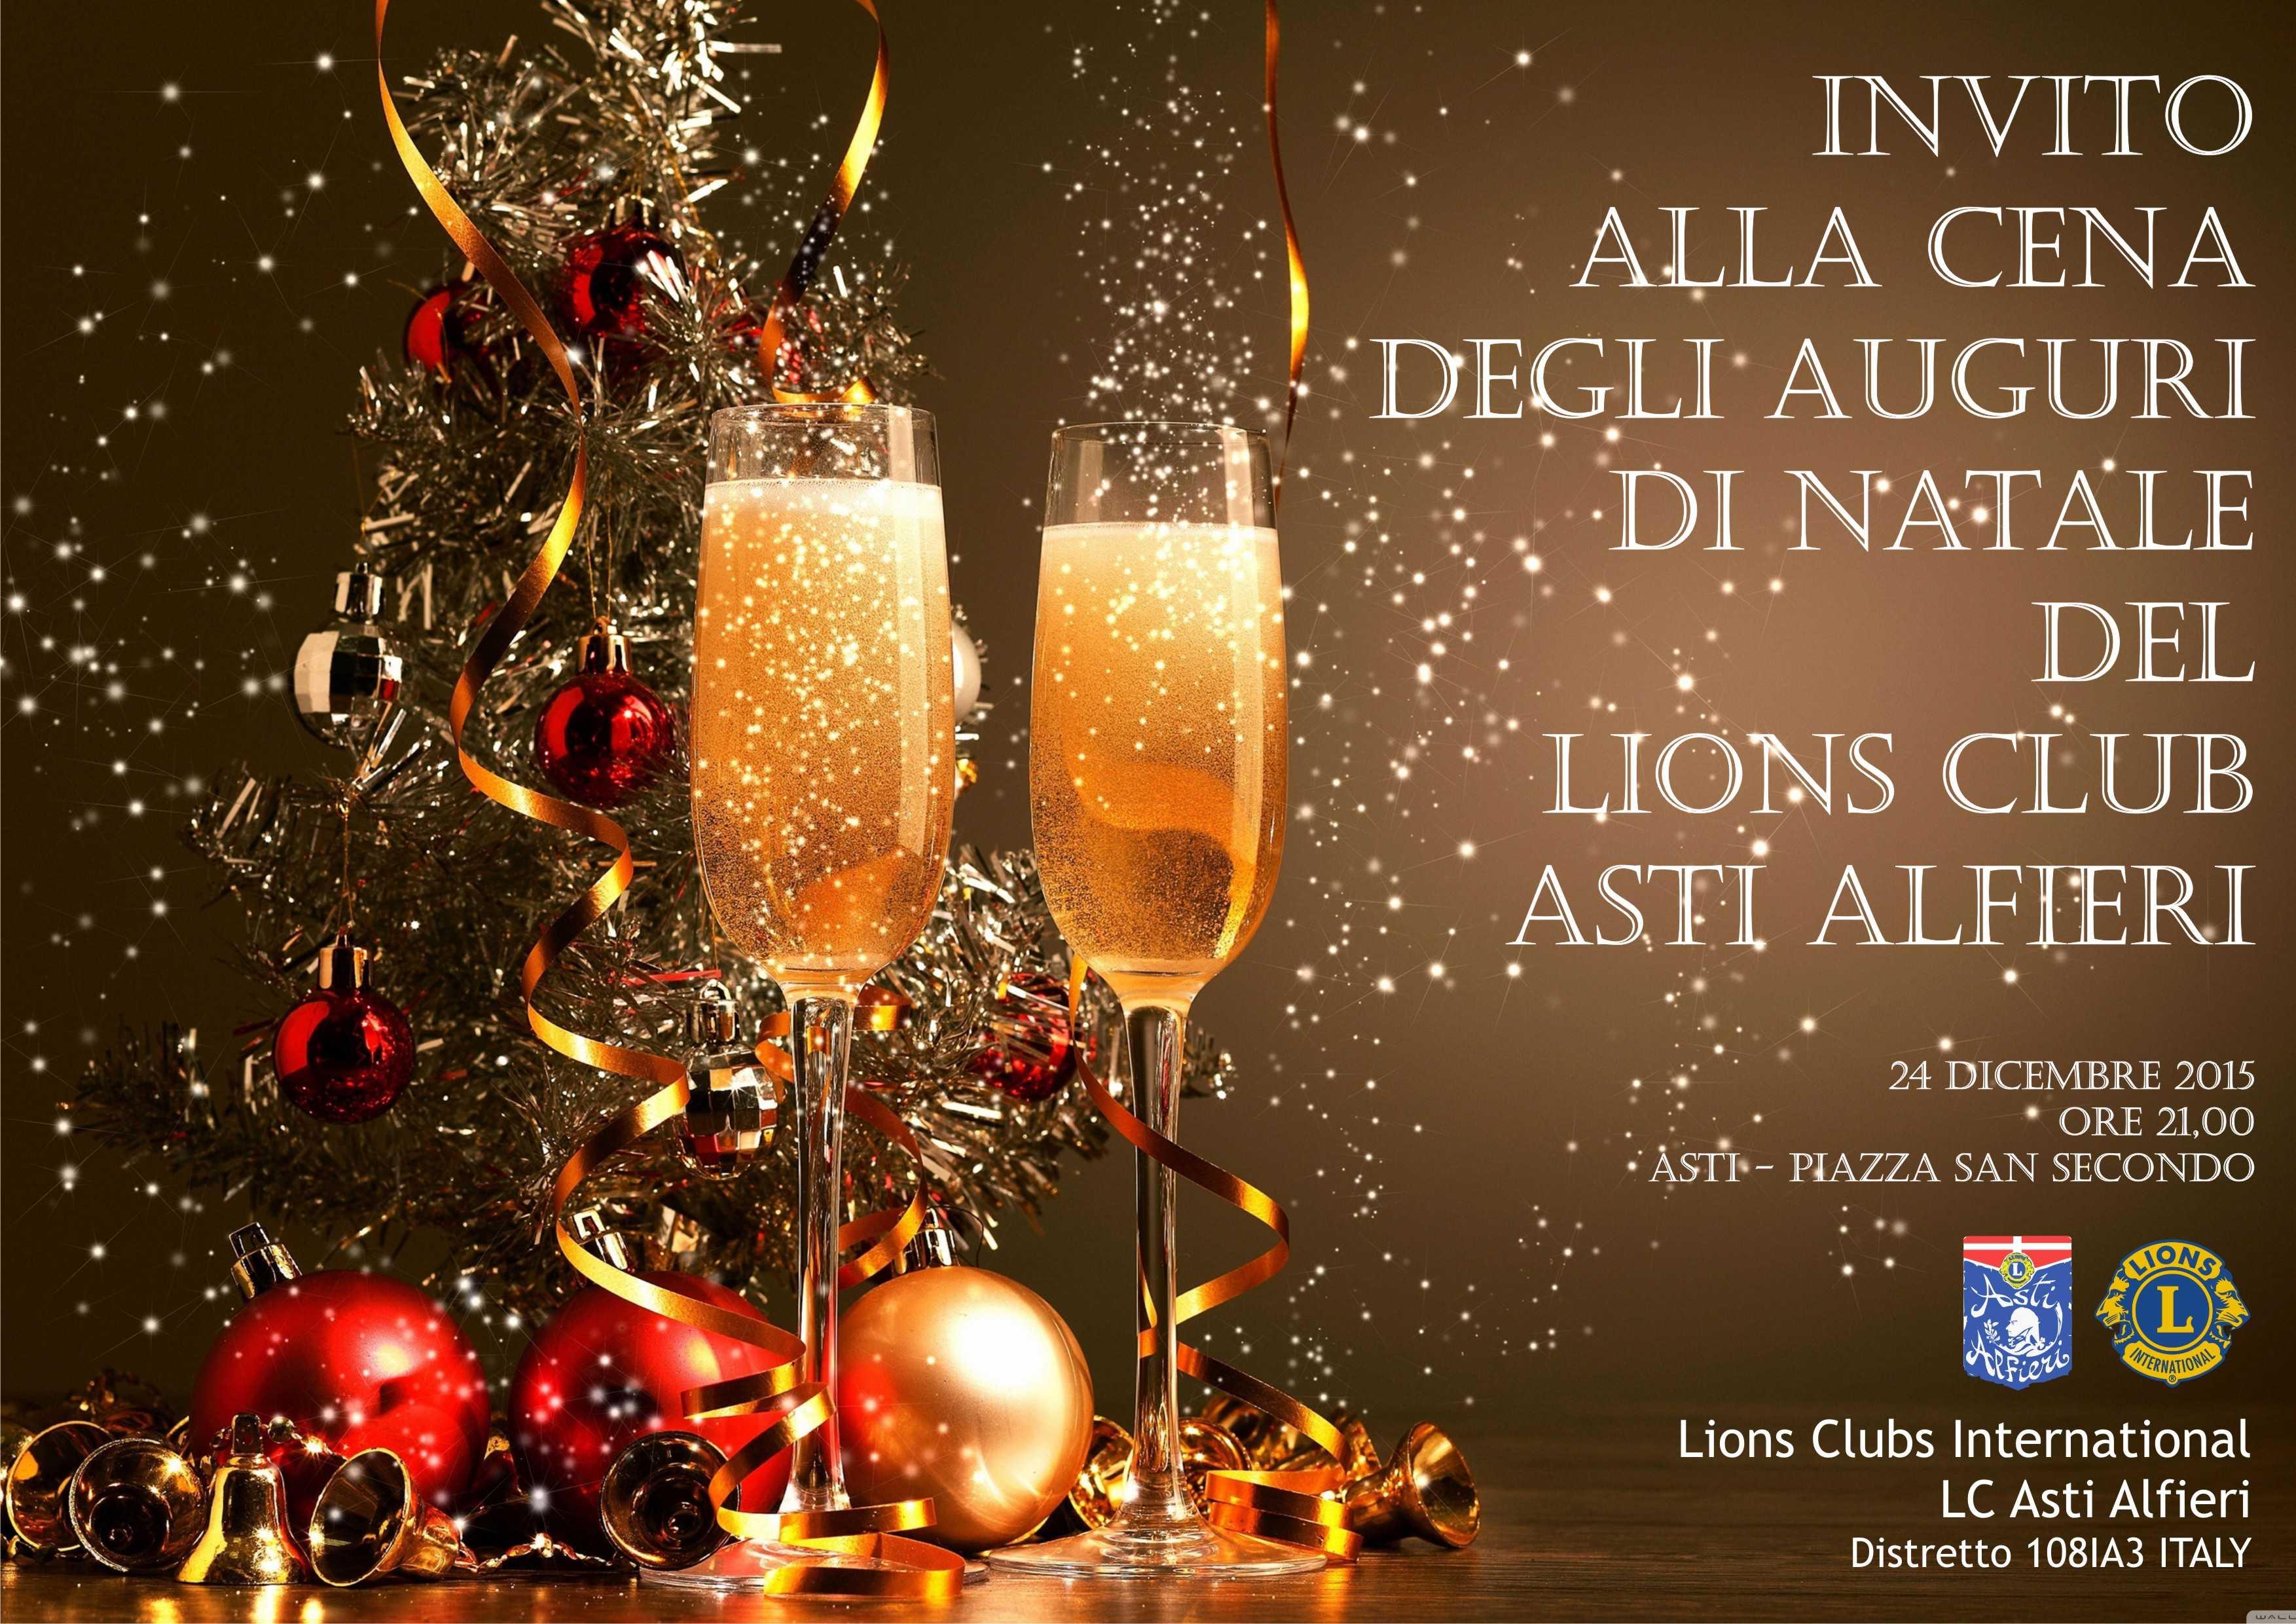 Cena Auguri Di Natale.Invito Alla Cena Degli Auguri Di Natale Del Lions Club Asti Alfieri Distretto Lions 108ia3